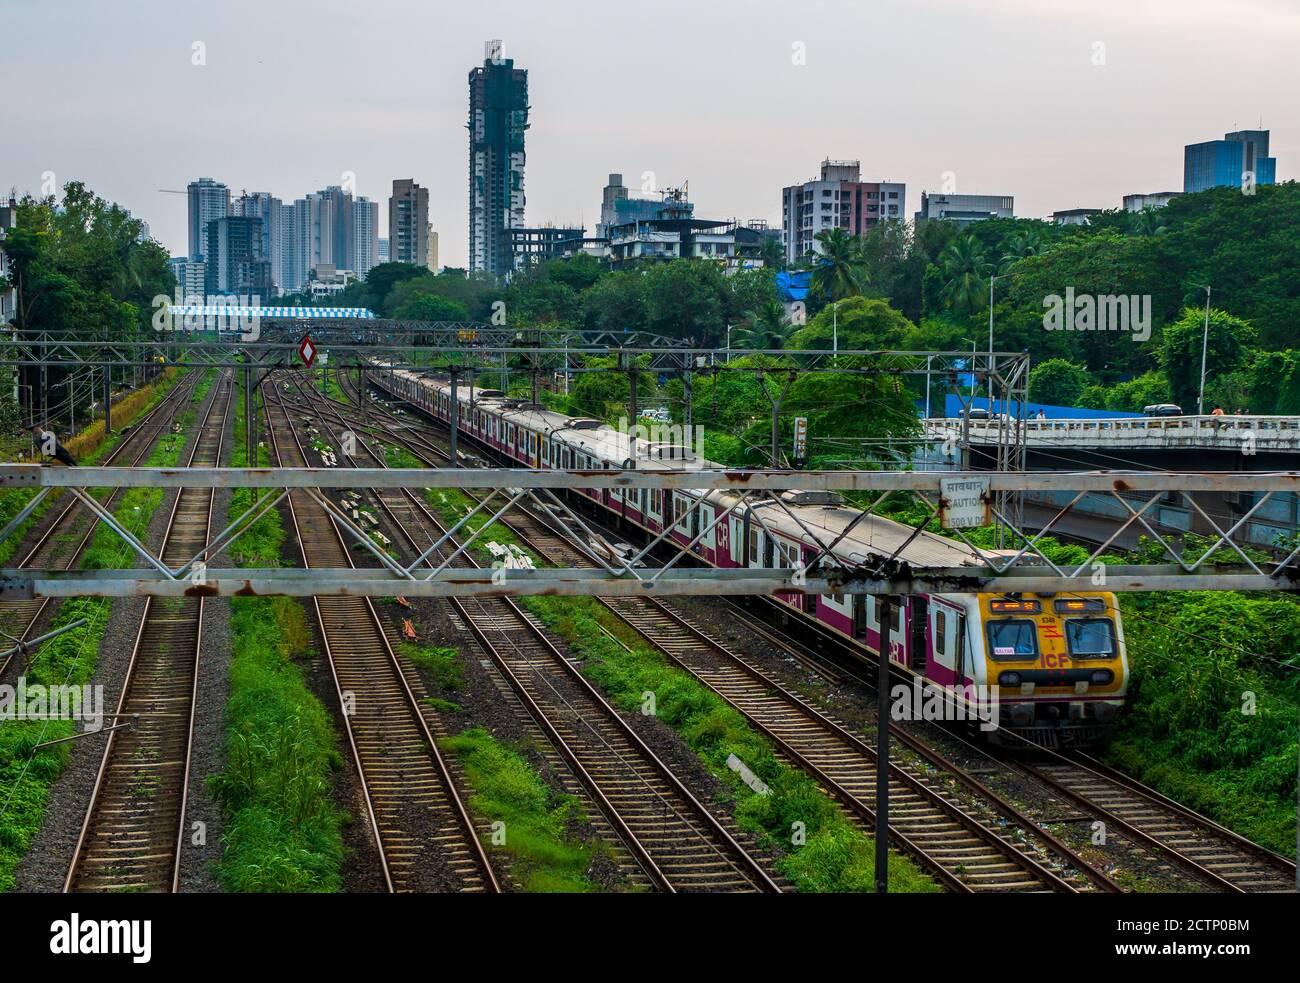 MUMBAI, INDE - le 20 septembre 2020 : Mumbai Suburban Railway, l'un des systèmes de trains de banlieue les plus fréquentés au monde ayant le plus de surpeuplement Banque D'Images